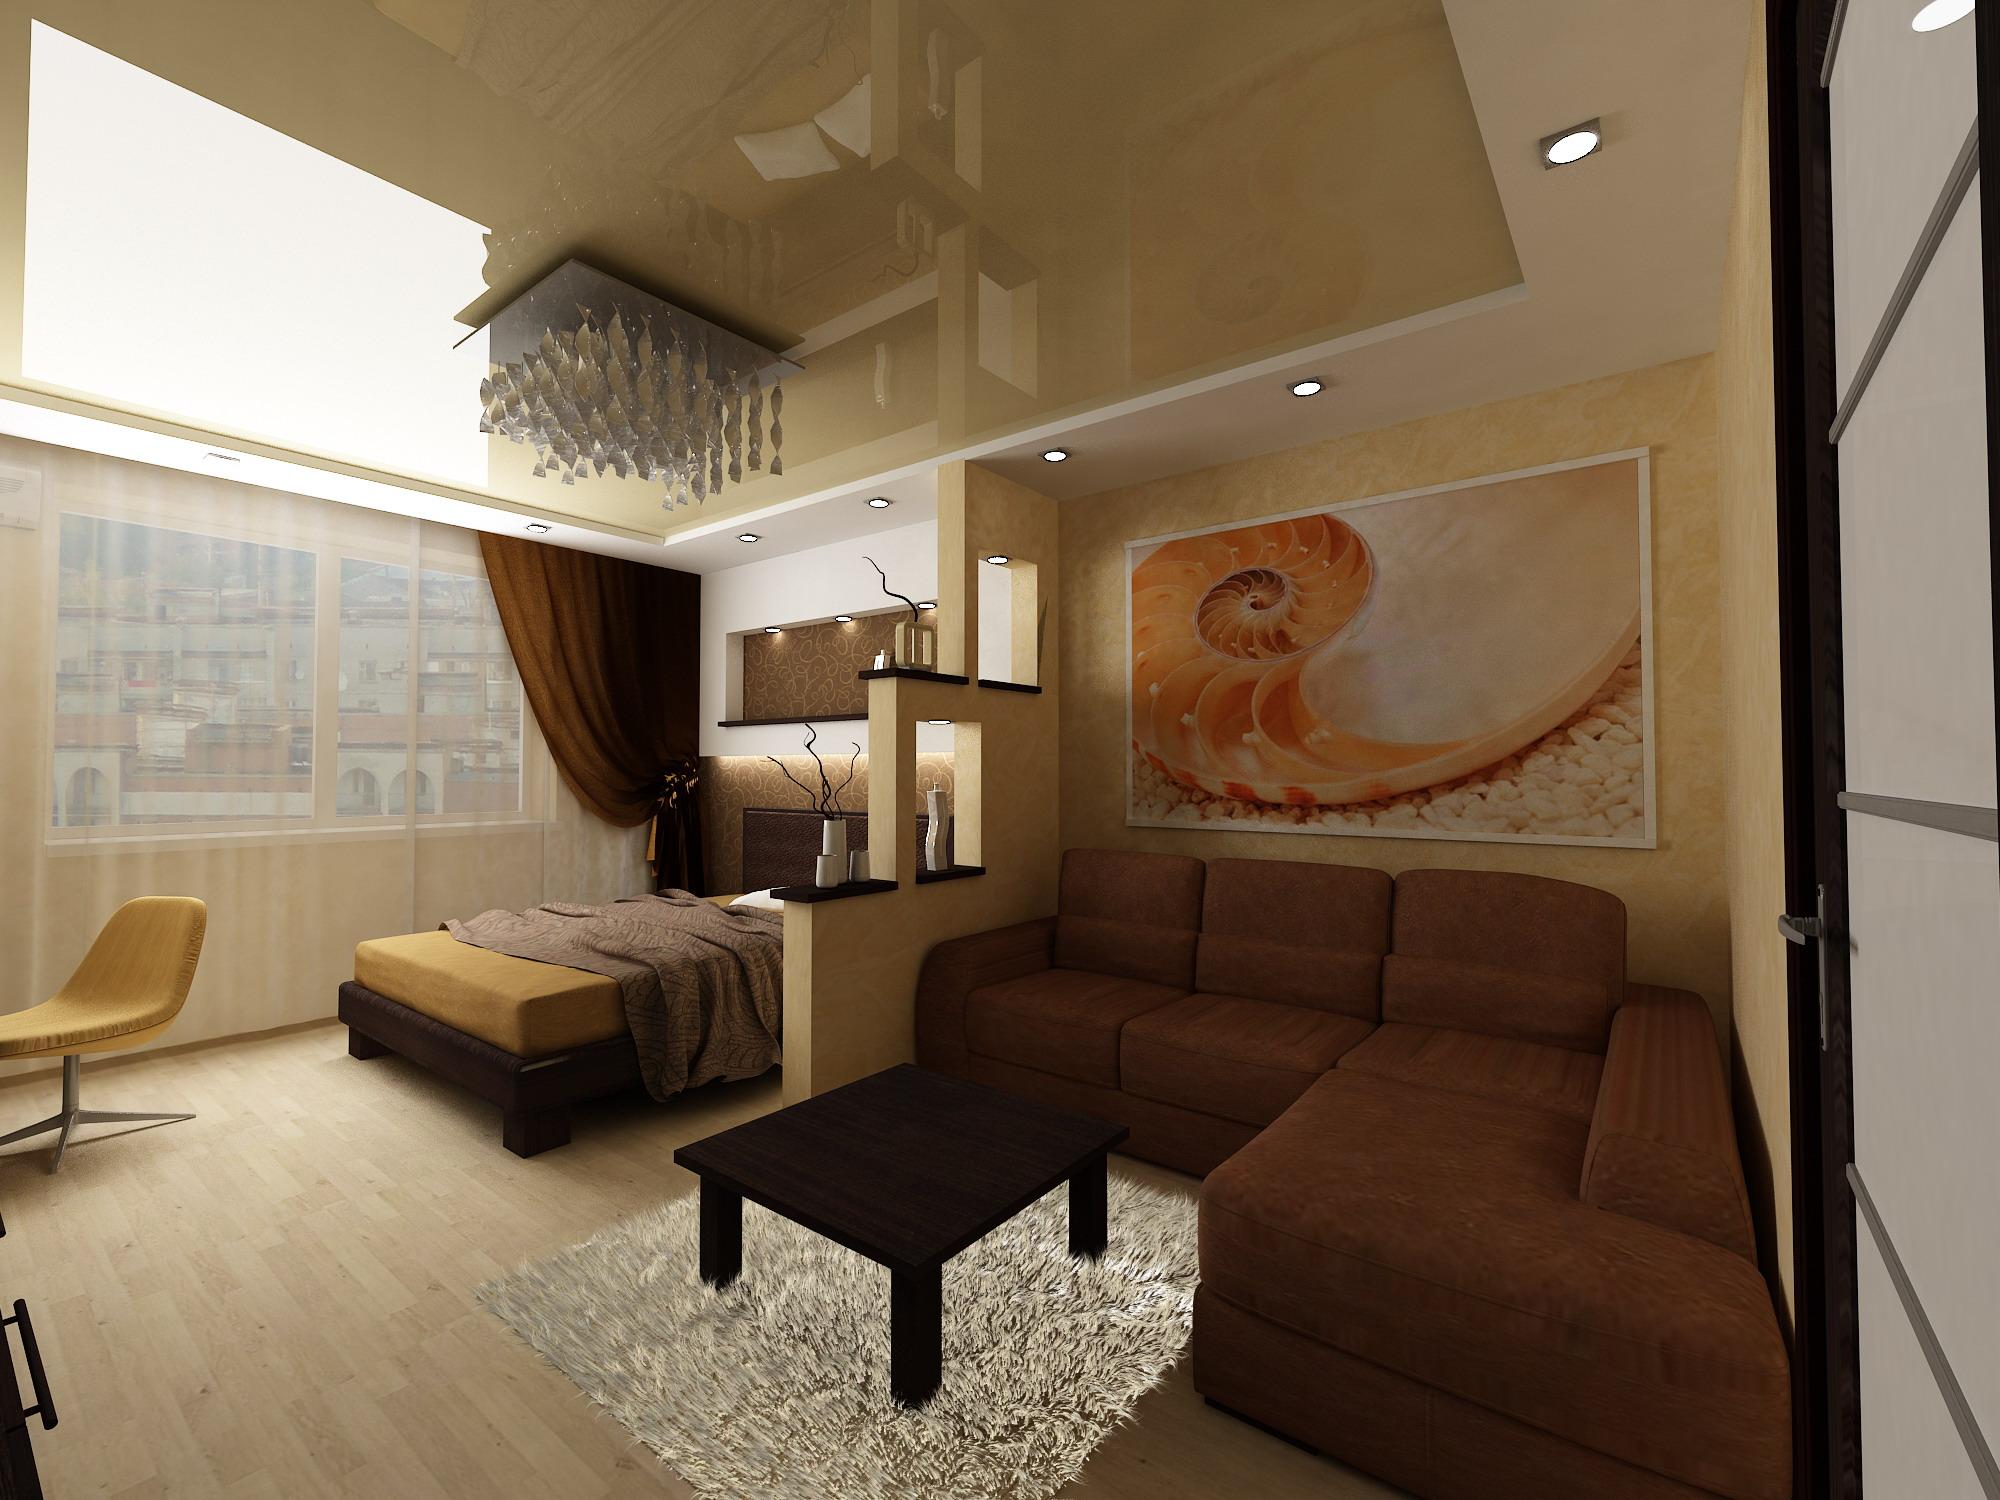 Дизайн прямоугольной комнаты 18 кв м фото